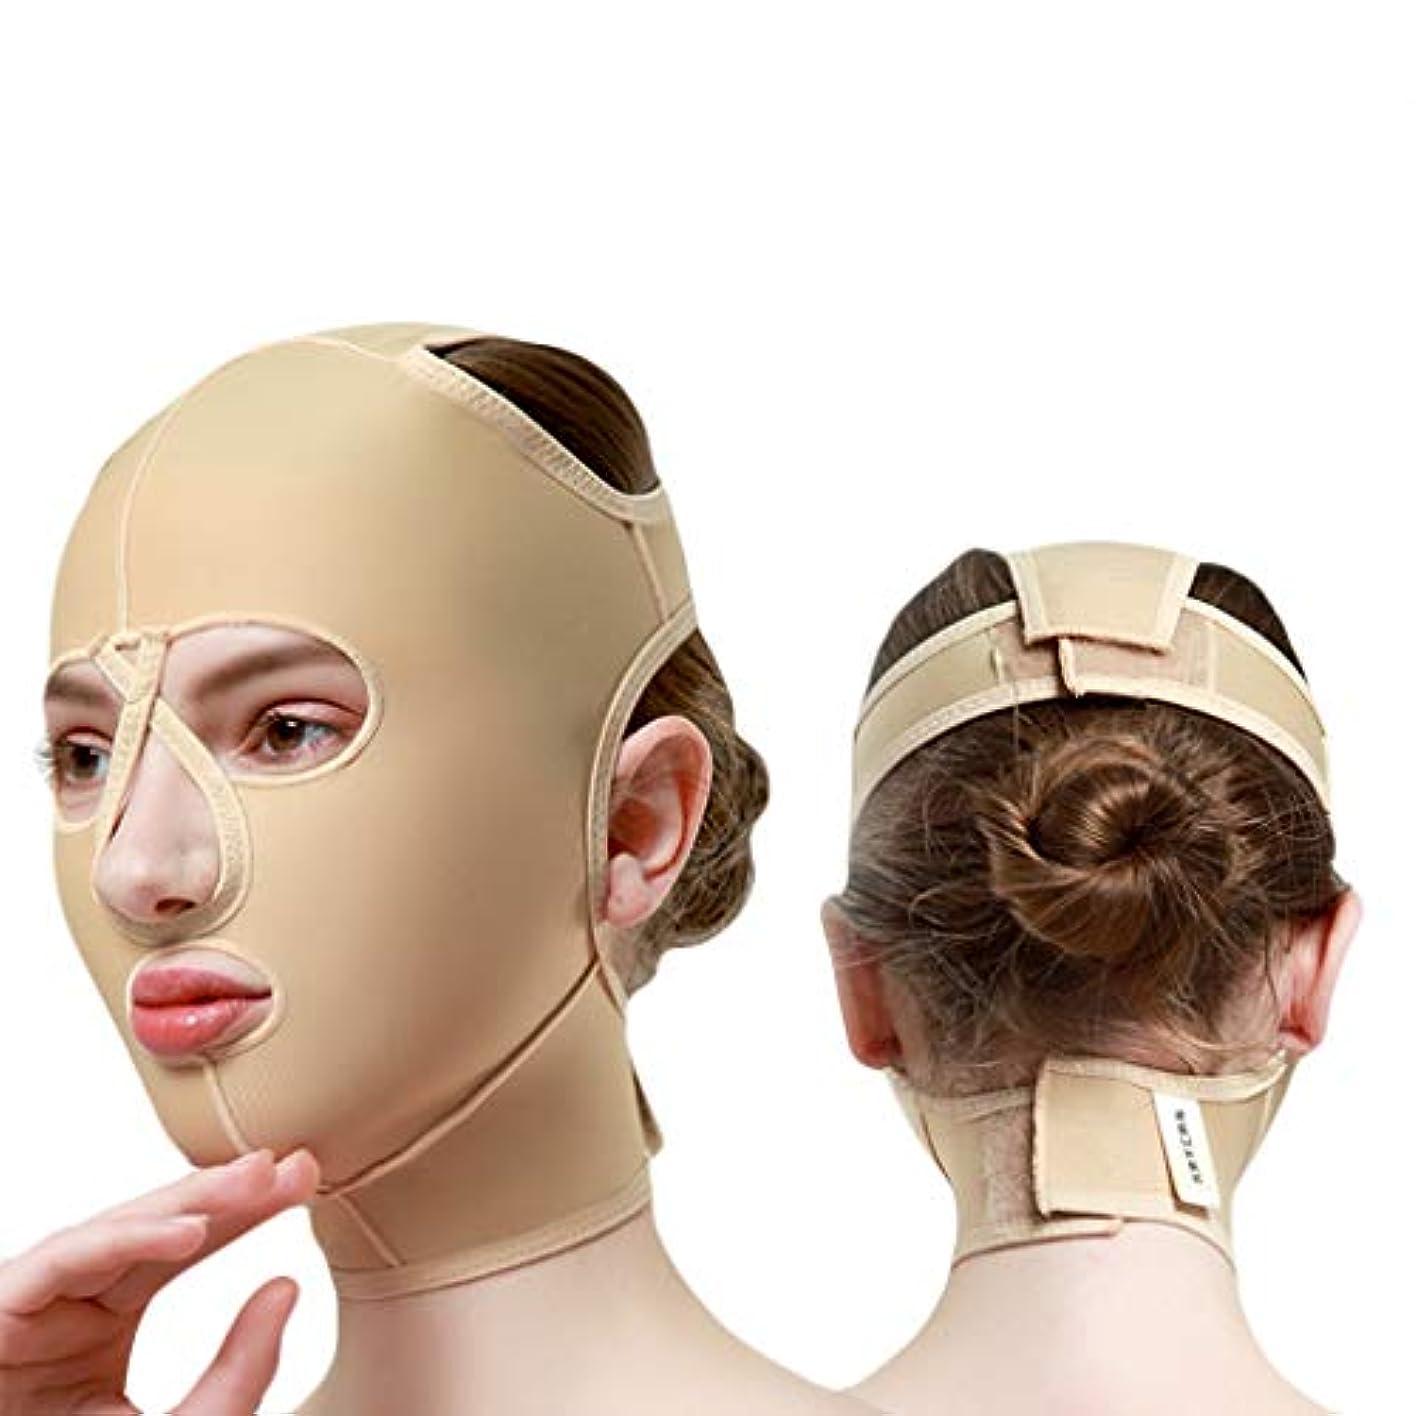 割れ目粉砕するできないあごのストラップ、顔の彫刻ツール、リフティングマスク、ダブルチンリデューサー、フェイスリフティングエラスティックマスク女性 (Size : M)